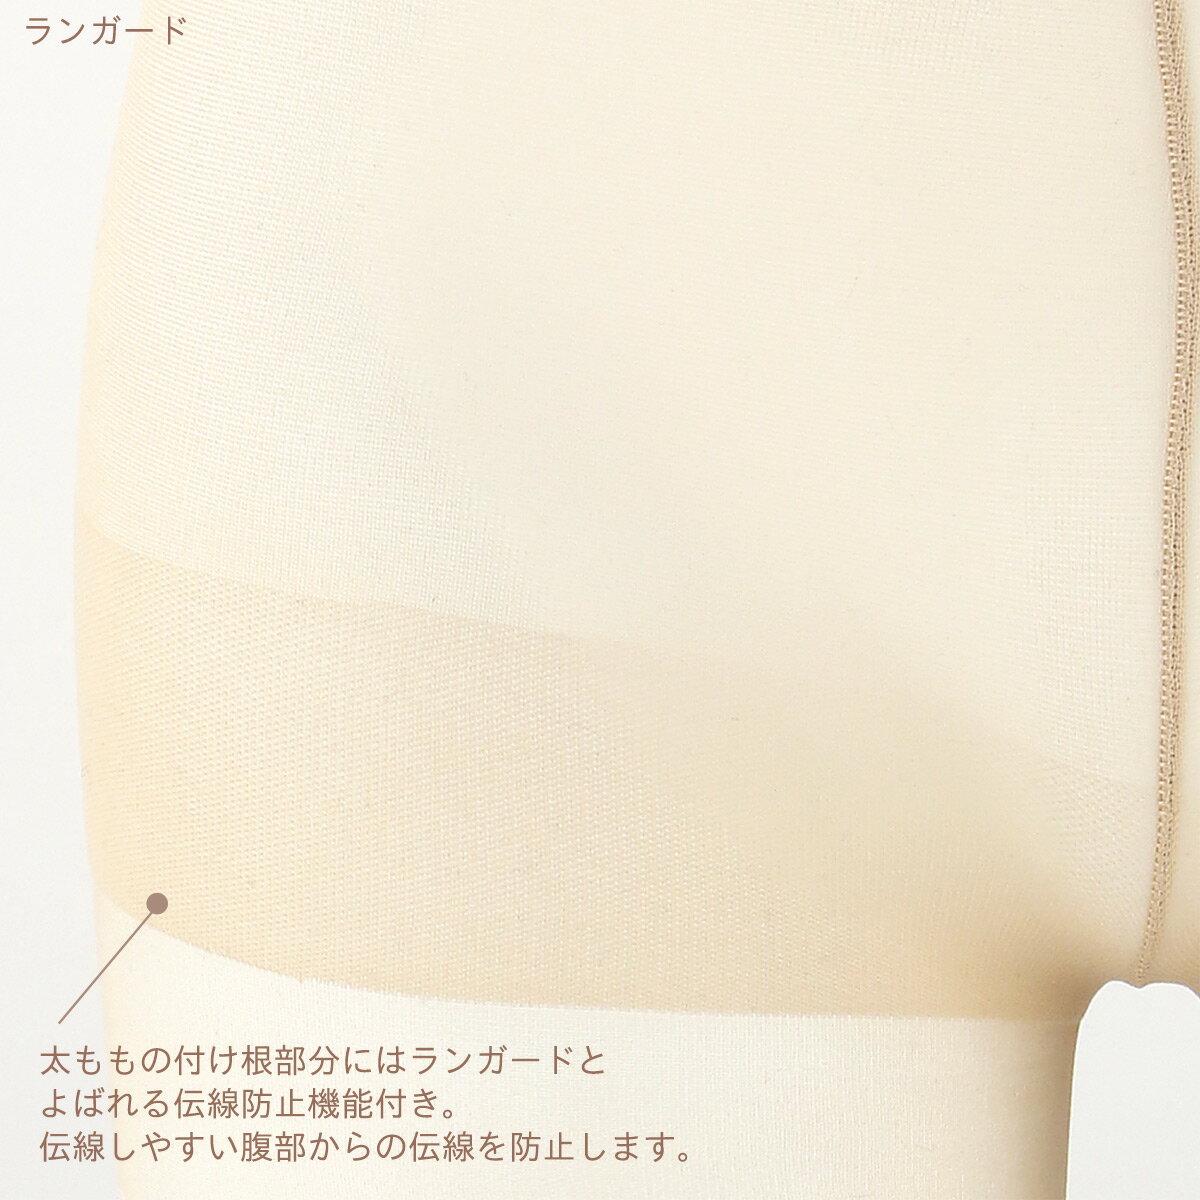 パンスト レギンス ナイガイ concept シアータイプのパンスト素材 10分丈レギンス 吸汗加工 レディス ソックス 靴下 133-5010 【ゆうパケット・6点まで】